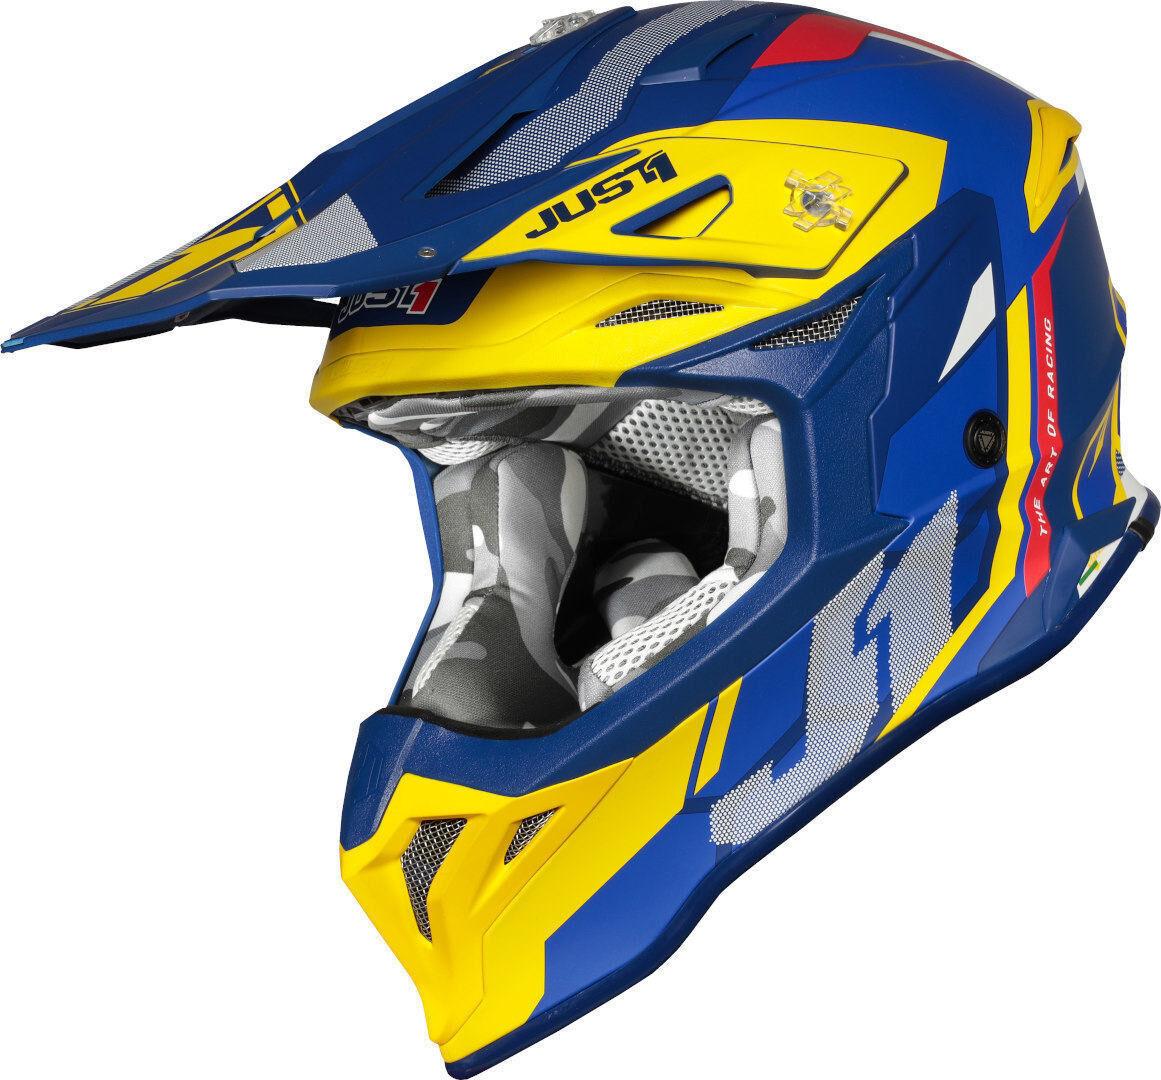 Just1 J39 Reactor Motocross kypärä  - Sininen Keltainen - Size: M